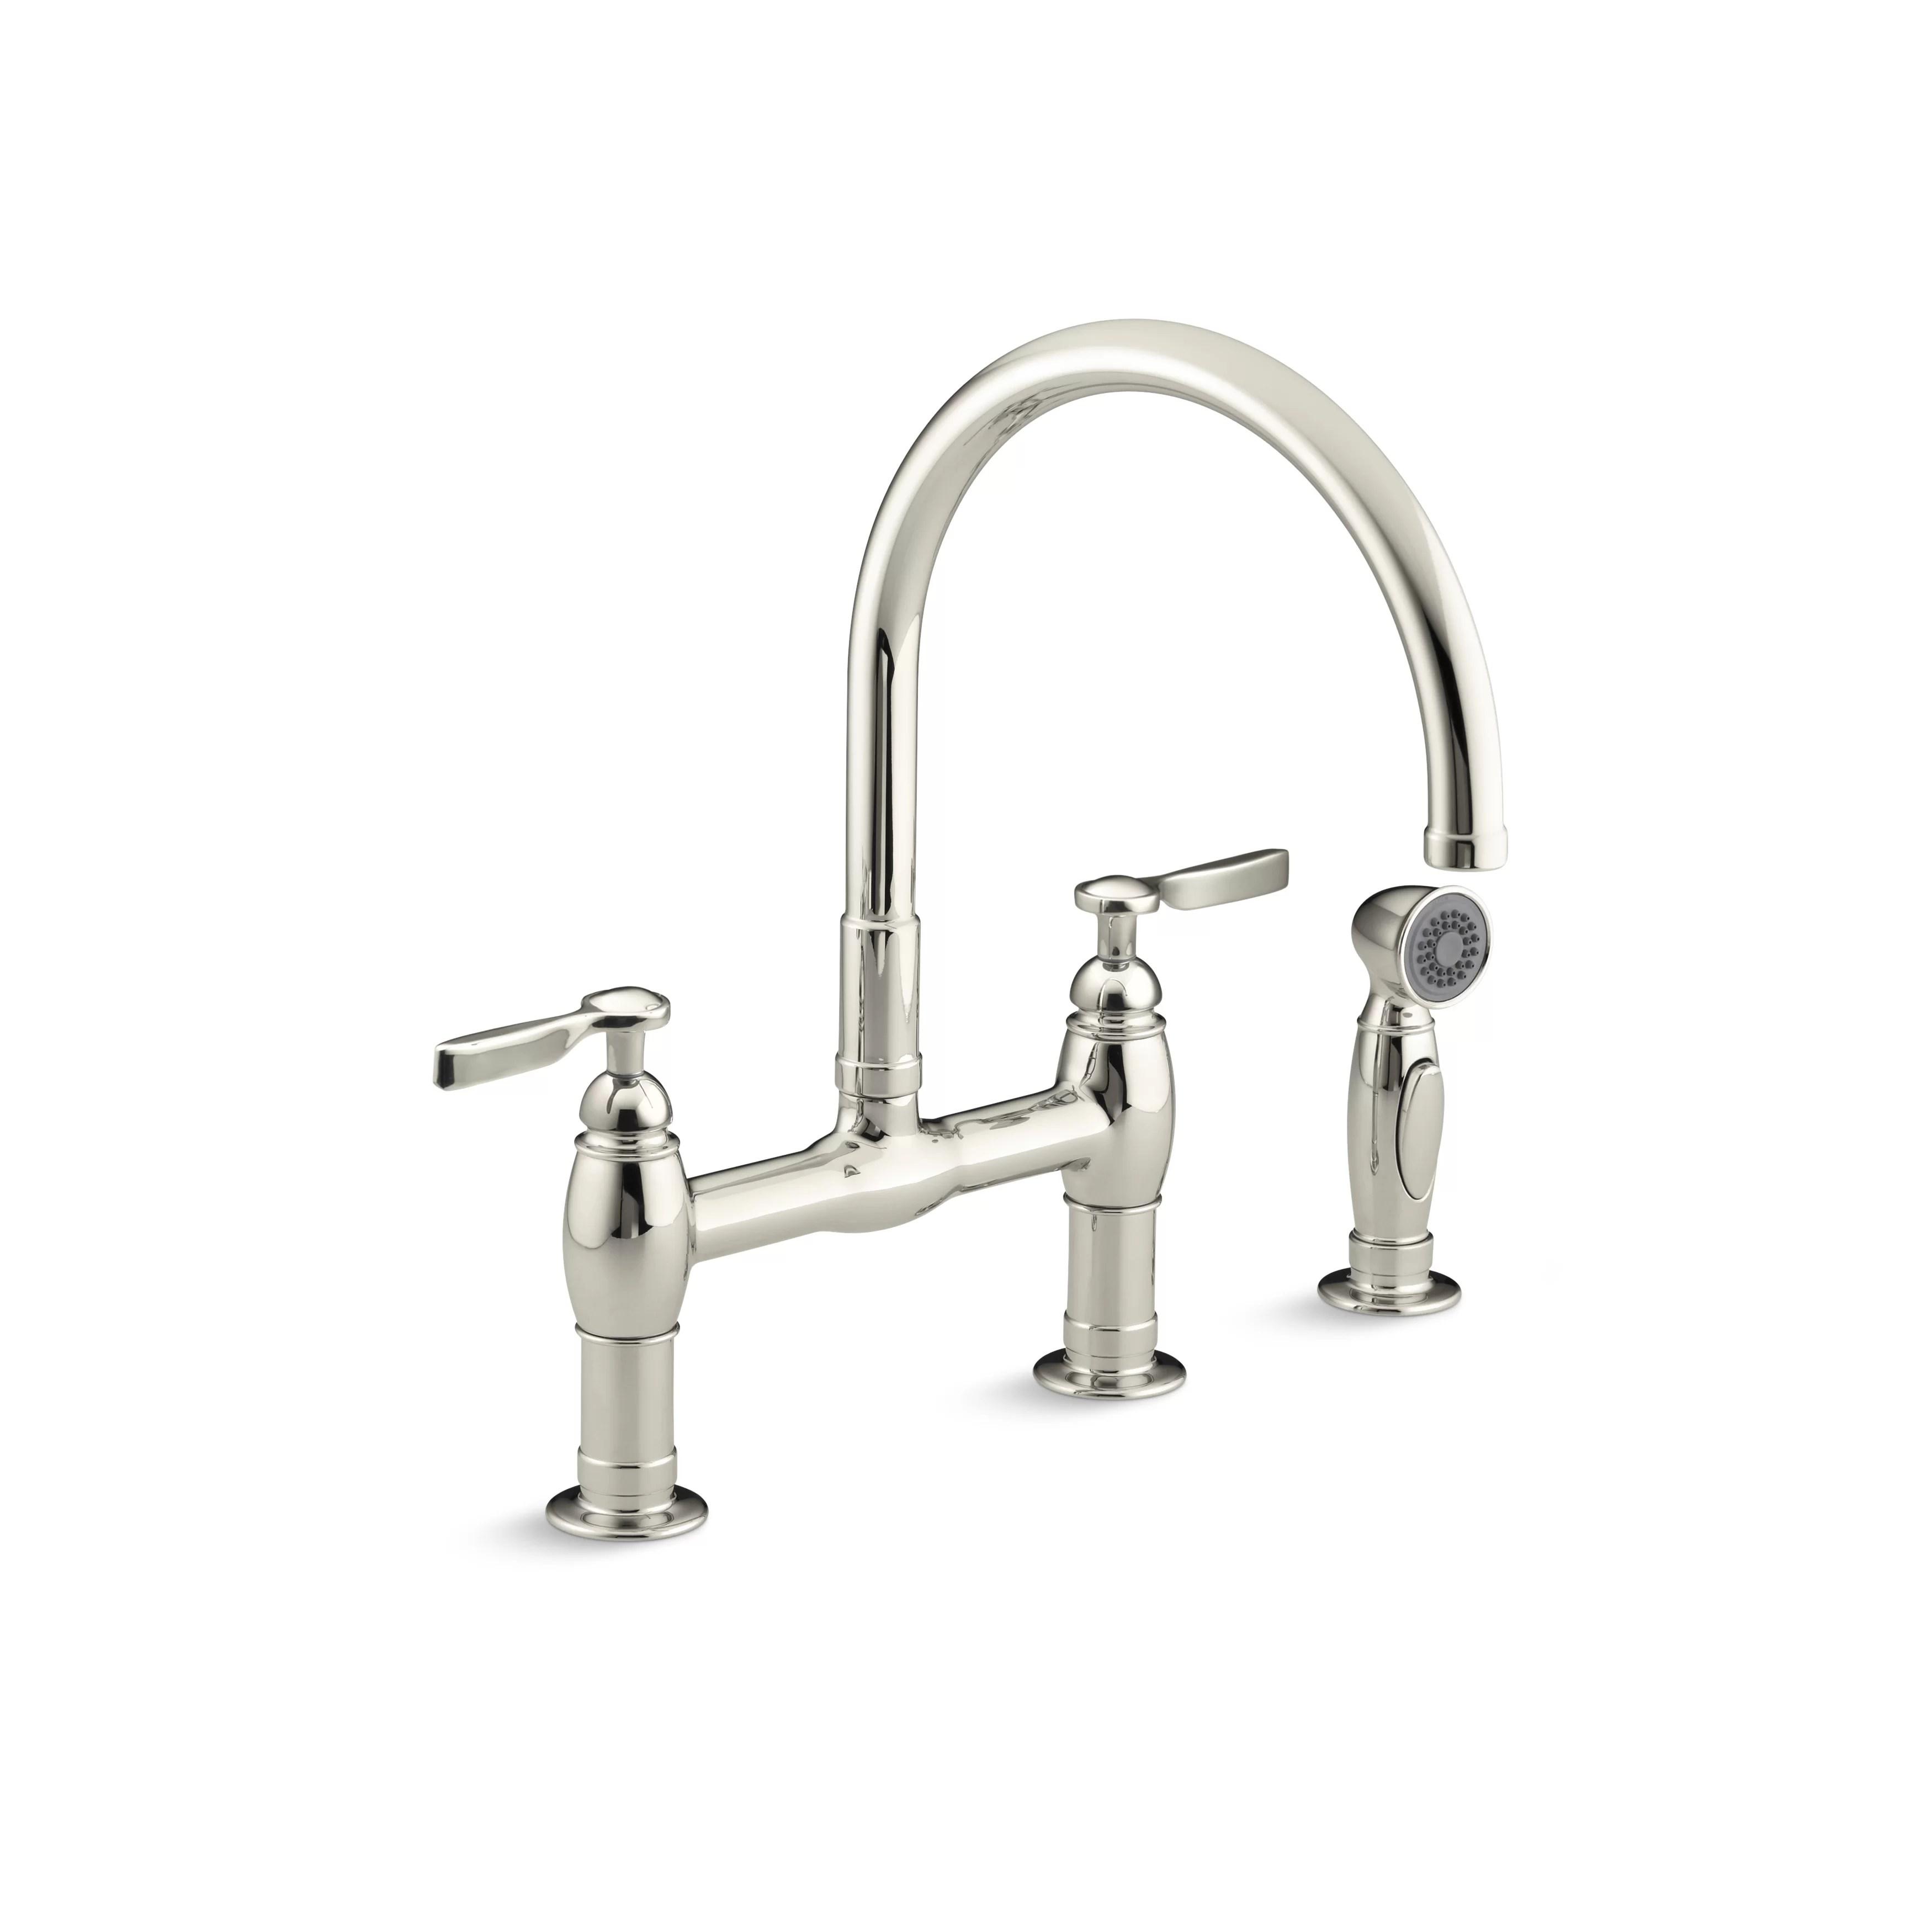 Kohler Parq Two Hole Deck Mount Bridge Kitchen Sink Faucet